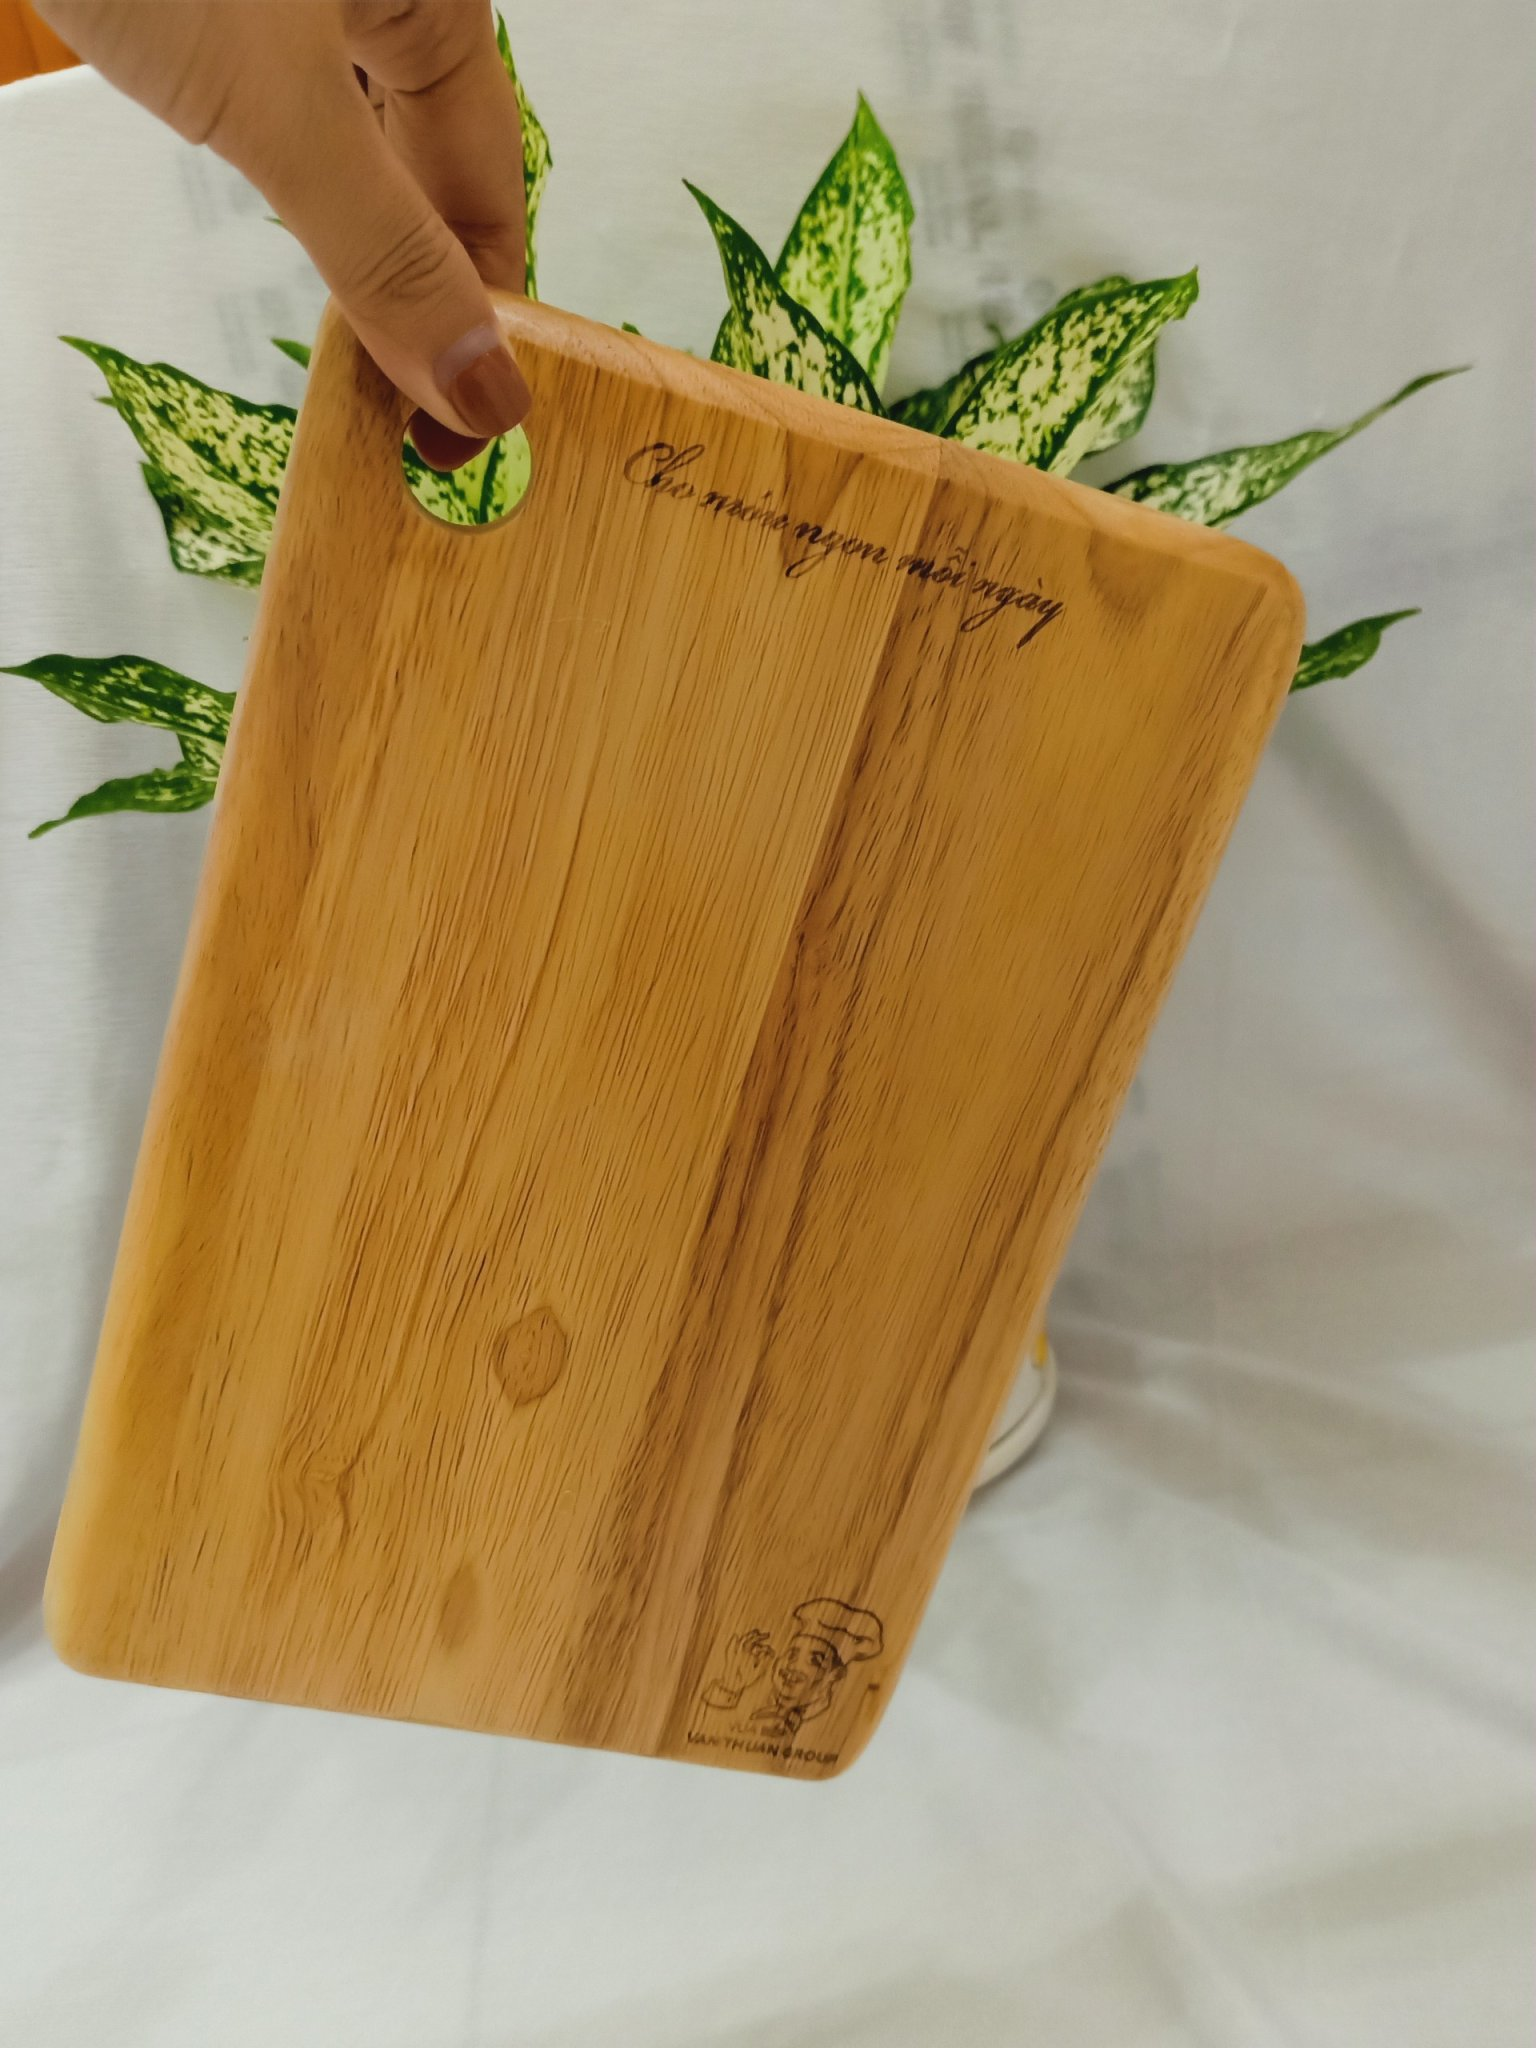 Thớt gỗ sạch hình chữ nhật